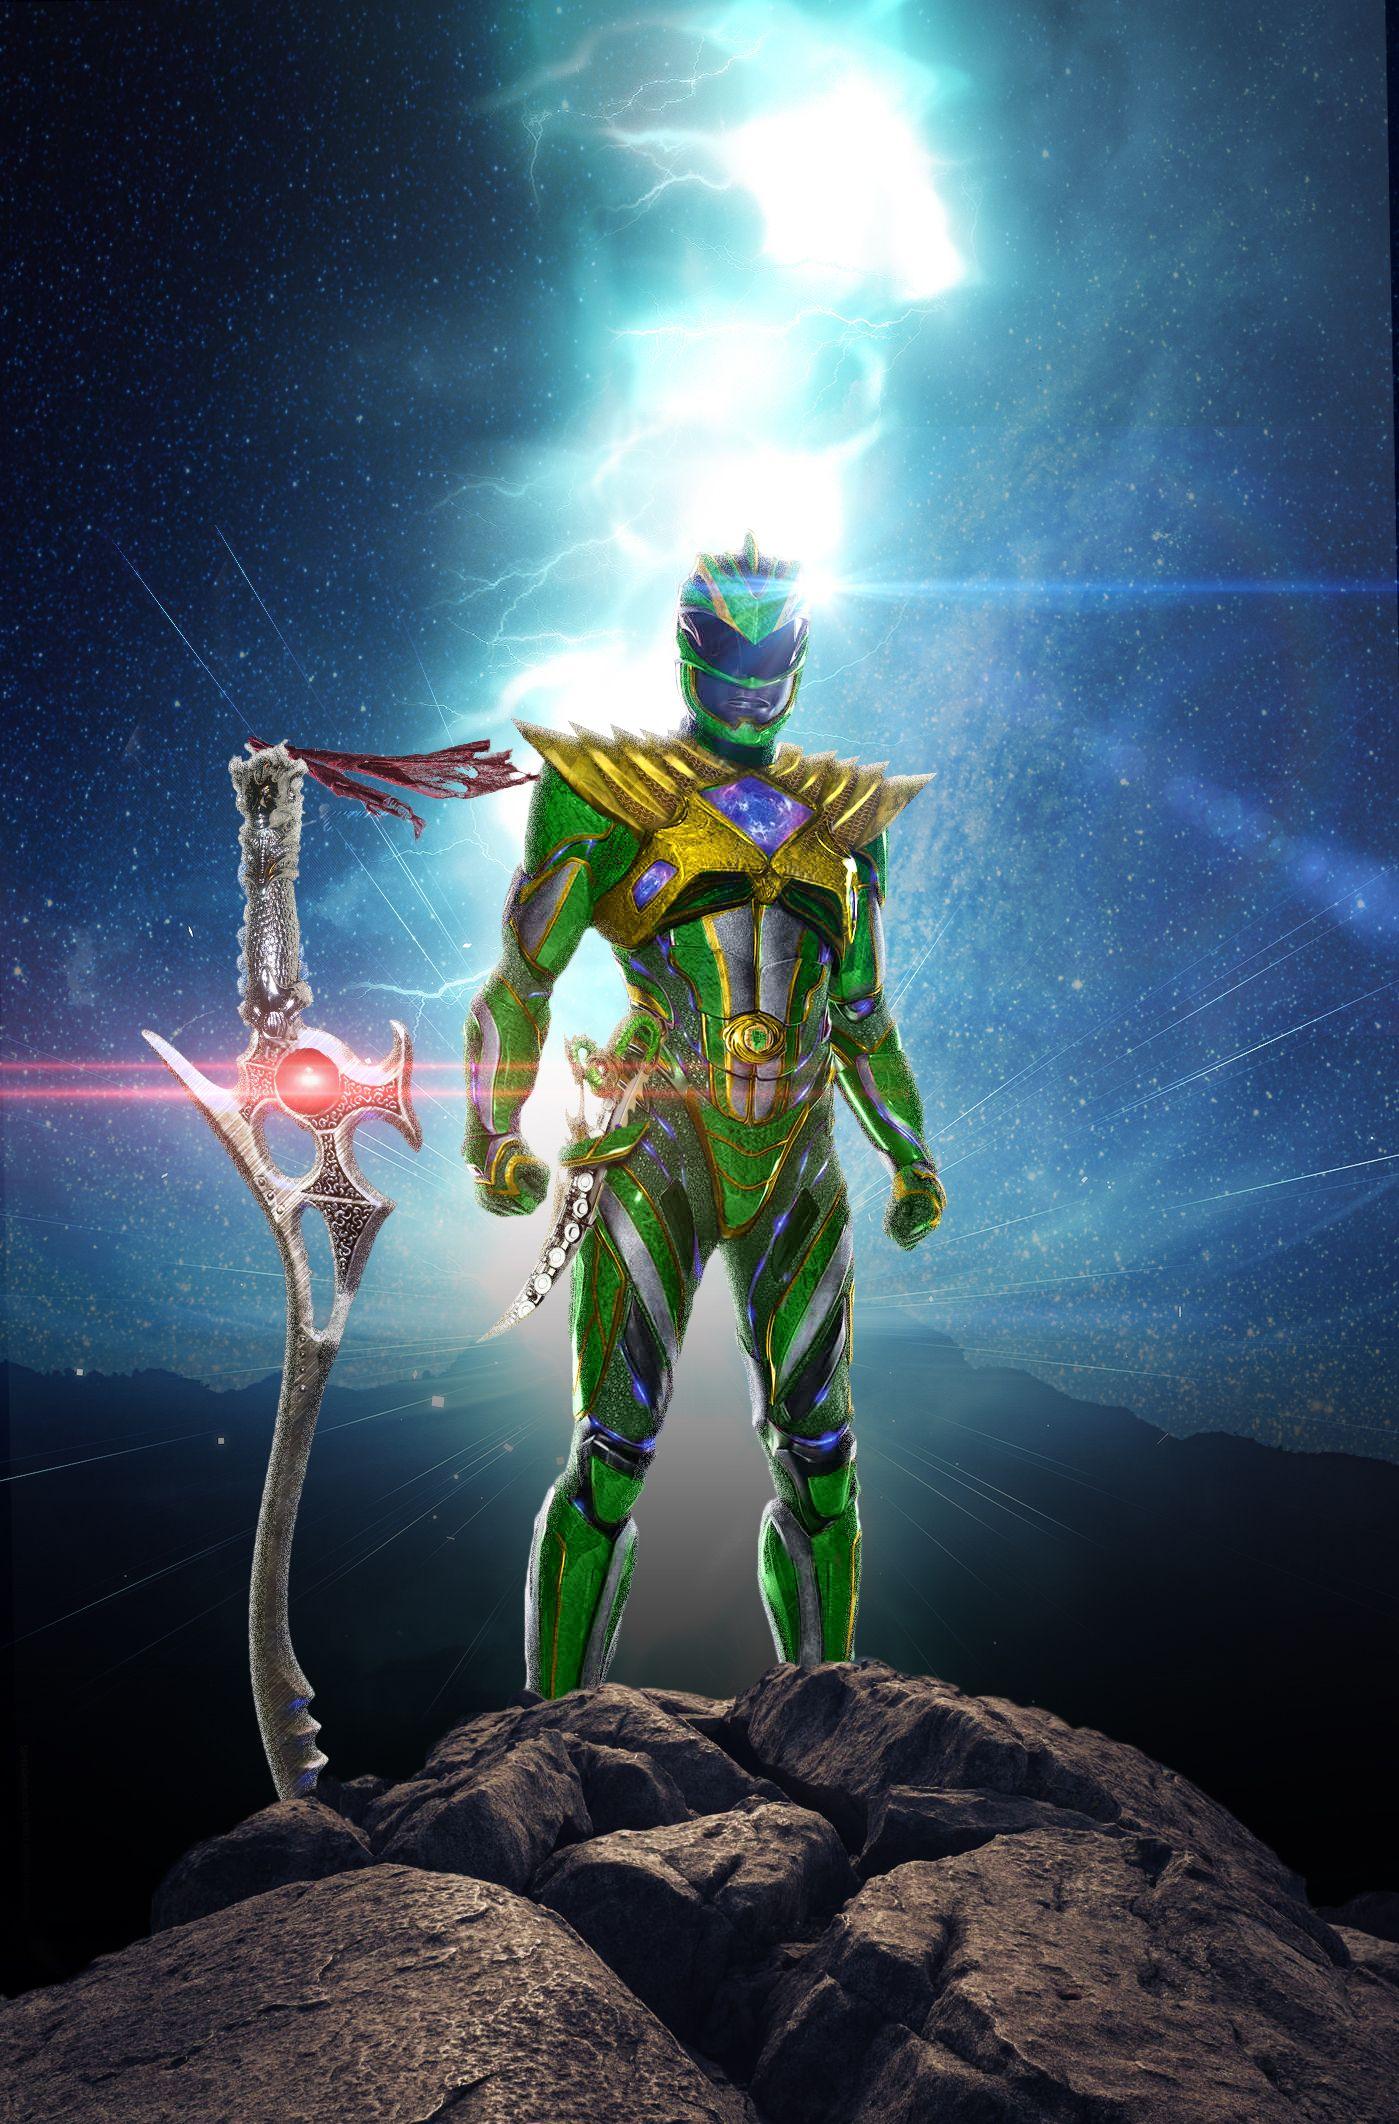 Green Ranger Movie style | Power Rangers | Pinterest ...